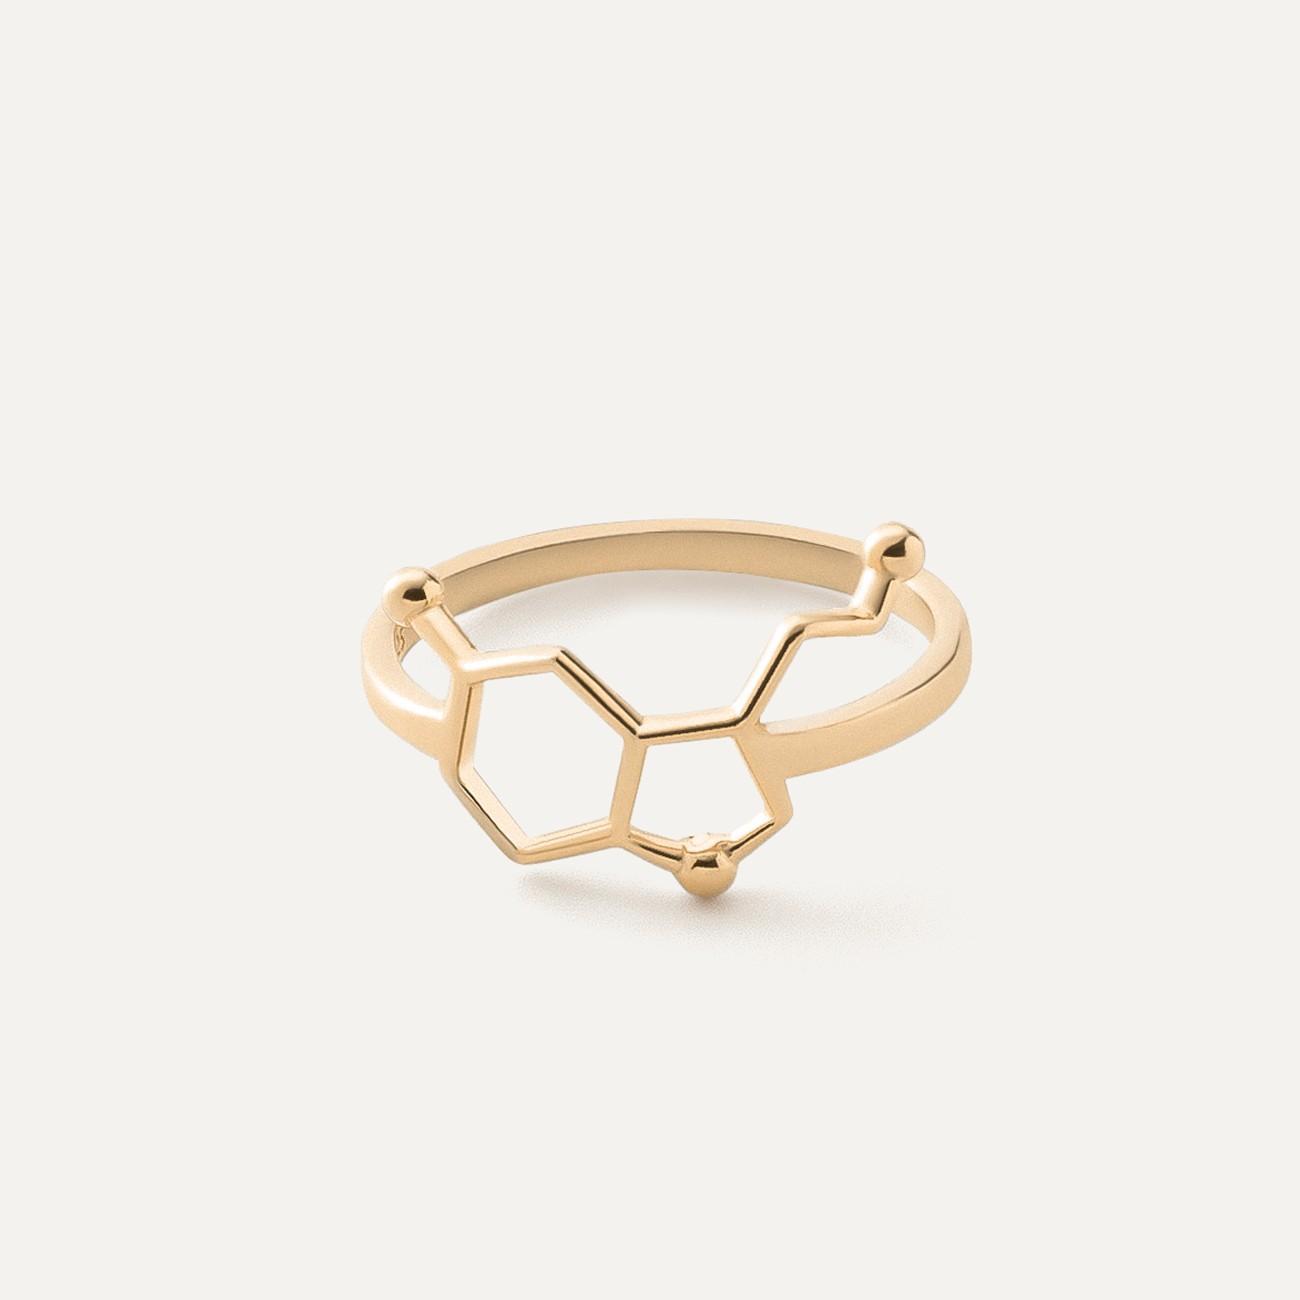 Srebrny pierścionek serotonina, wzór chemiczny 925